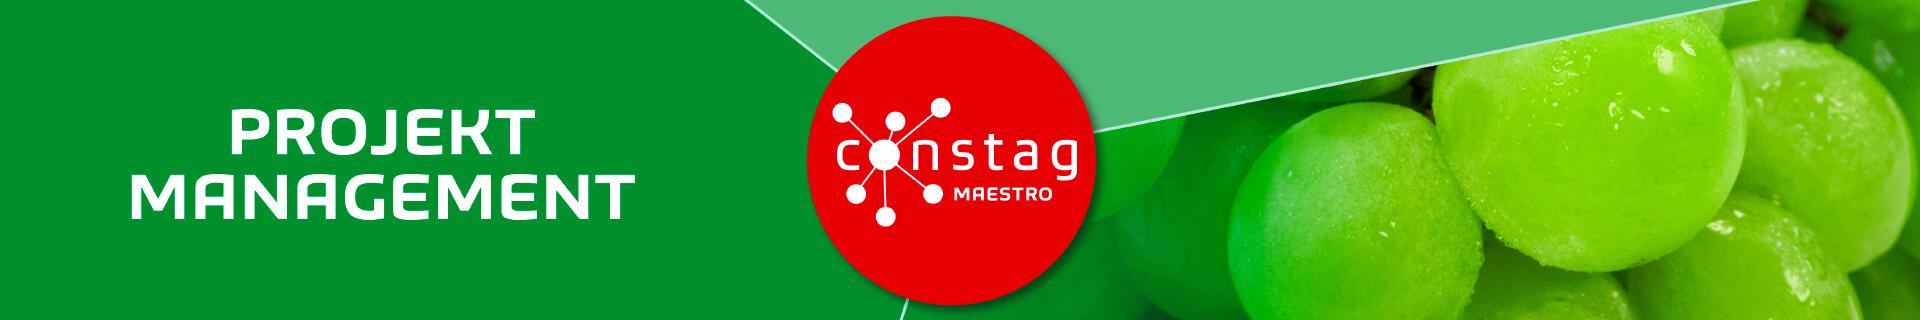 Constag Produkte Projekt-Management MAESTRO